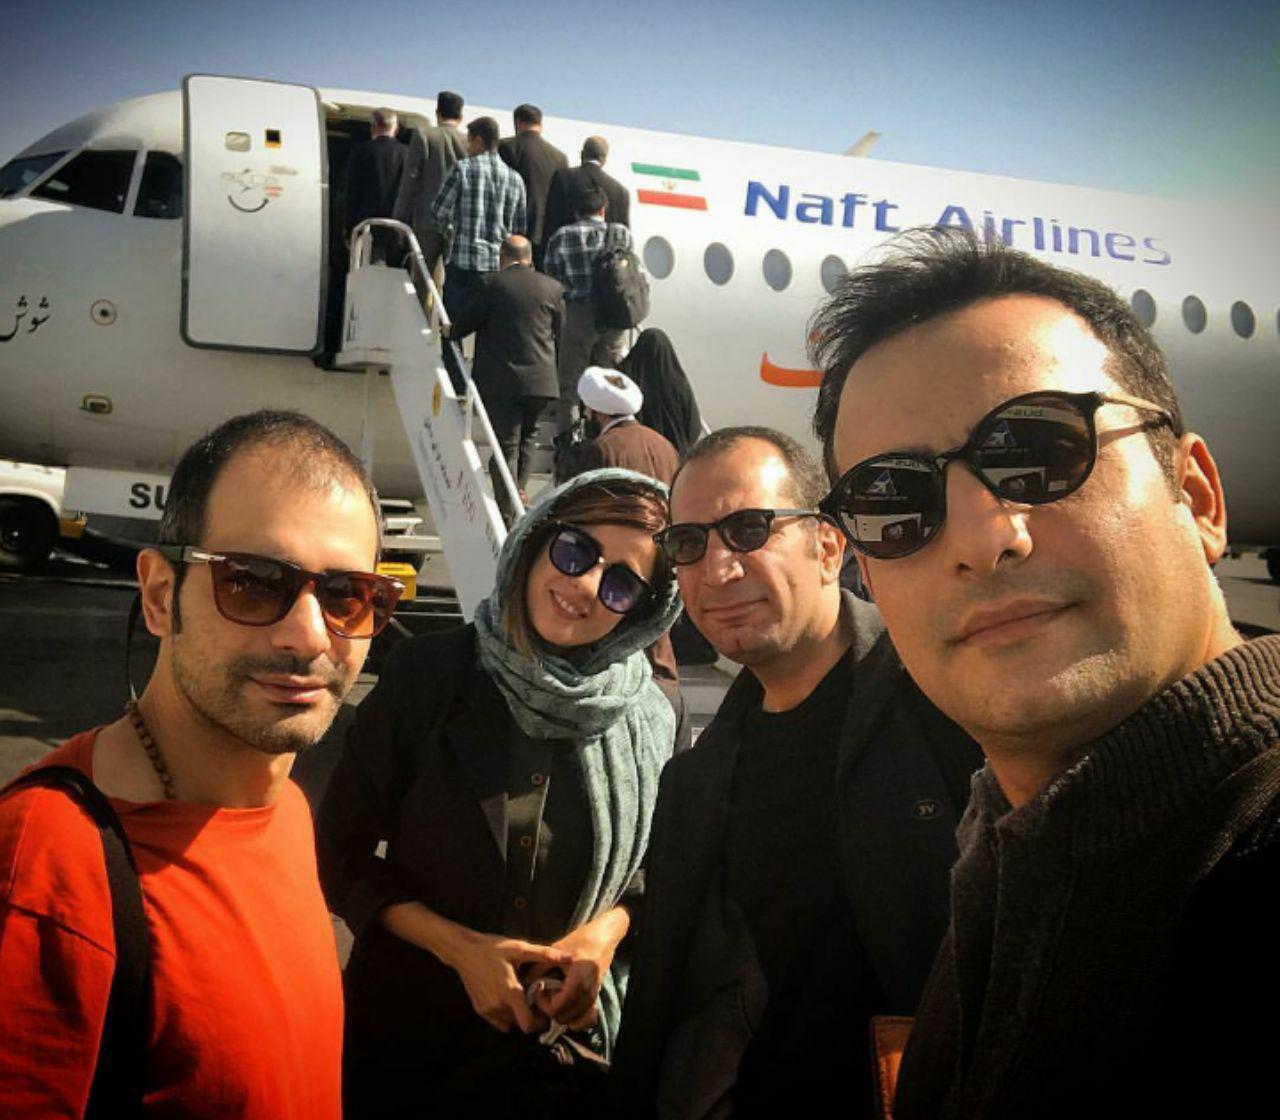 بازیگران ایتالیا ایتالیا در راه اصفهان